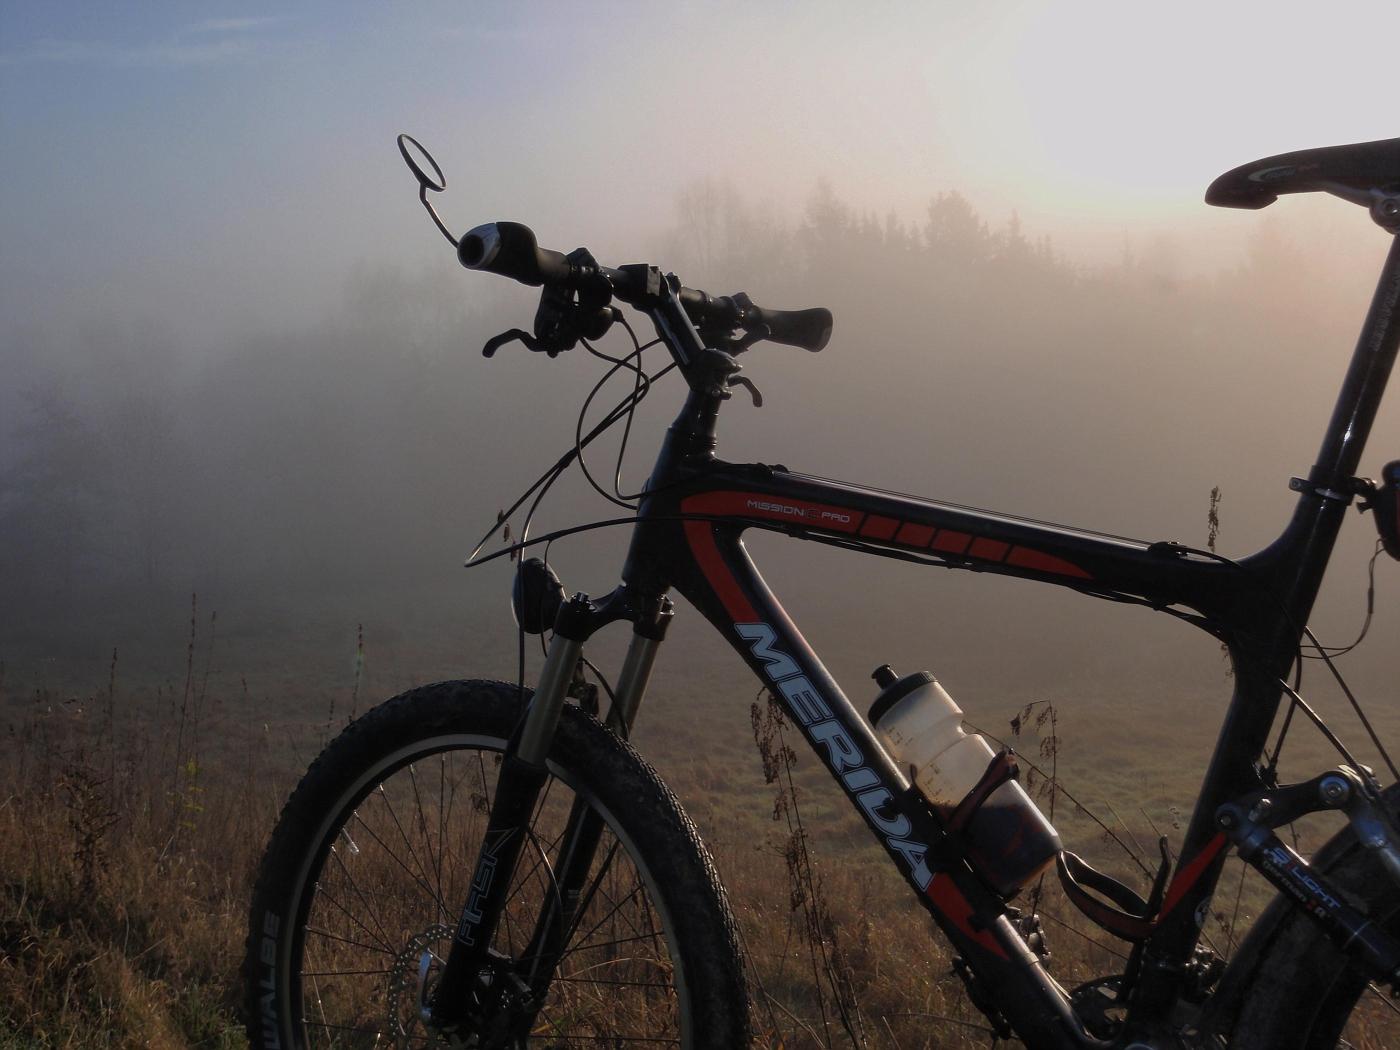 Nebel auf dem täglichen Weg zum Büro